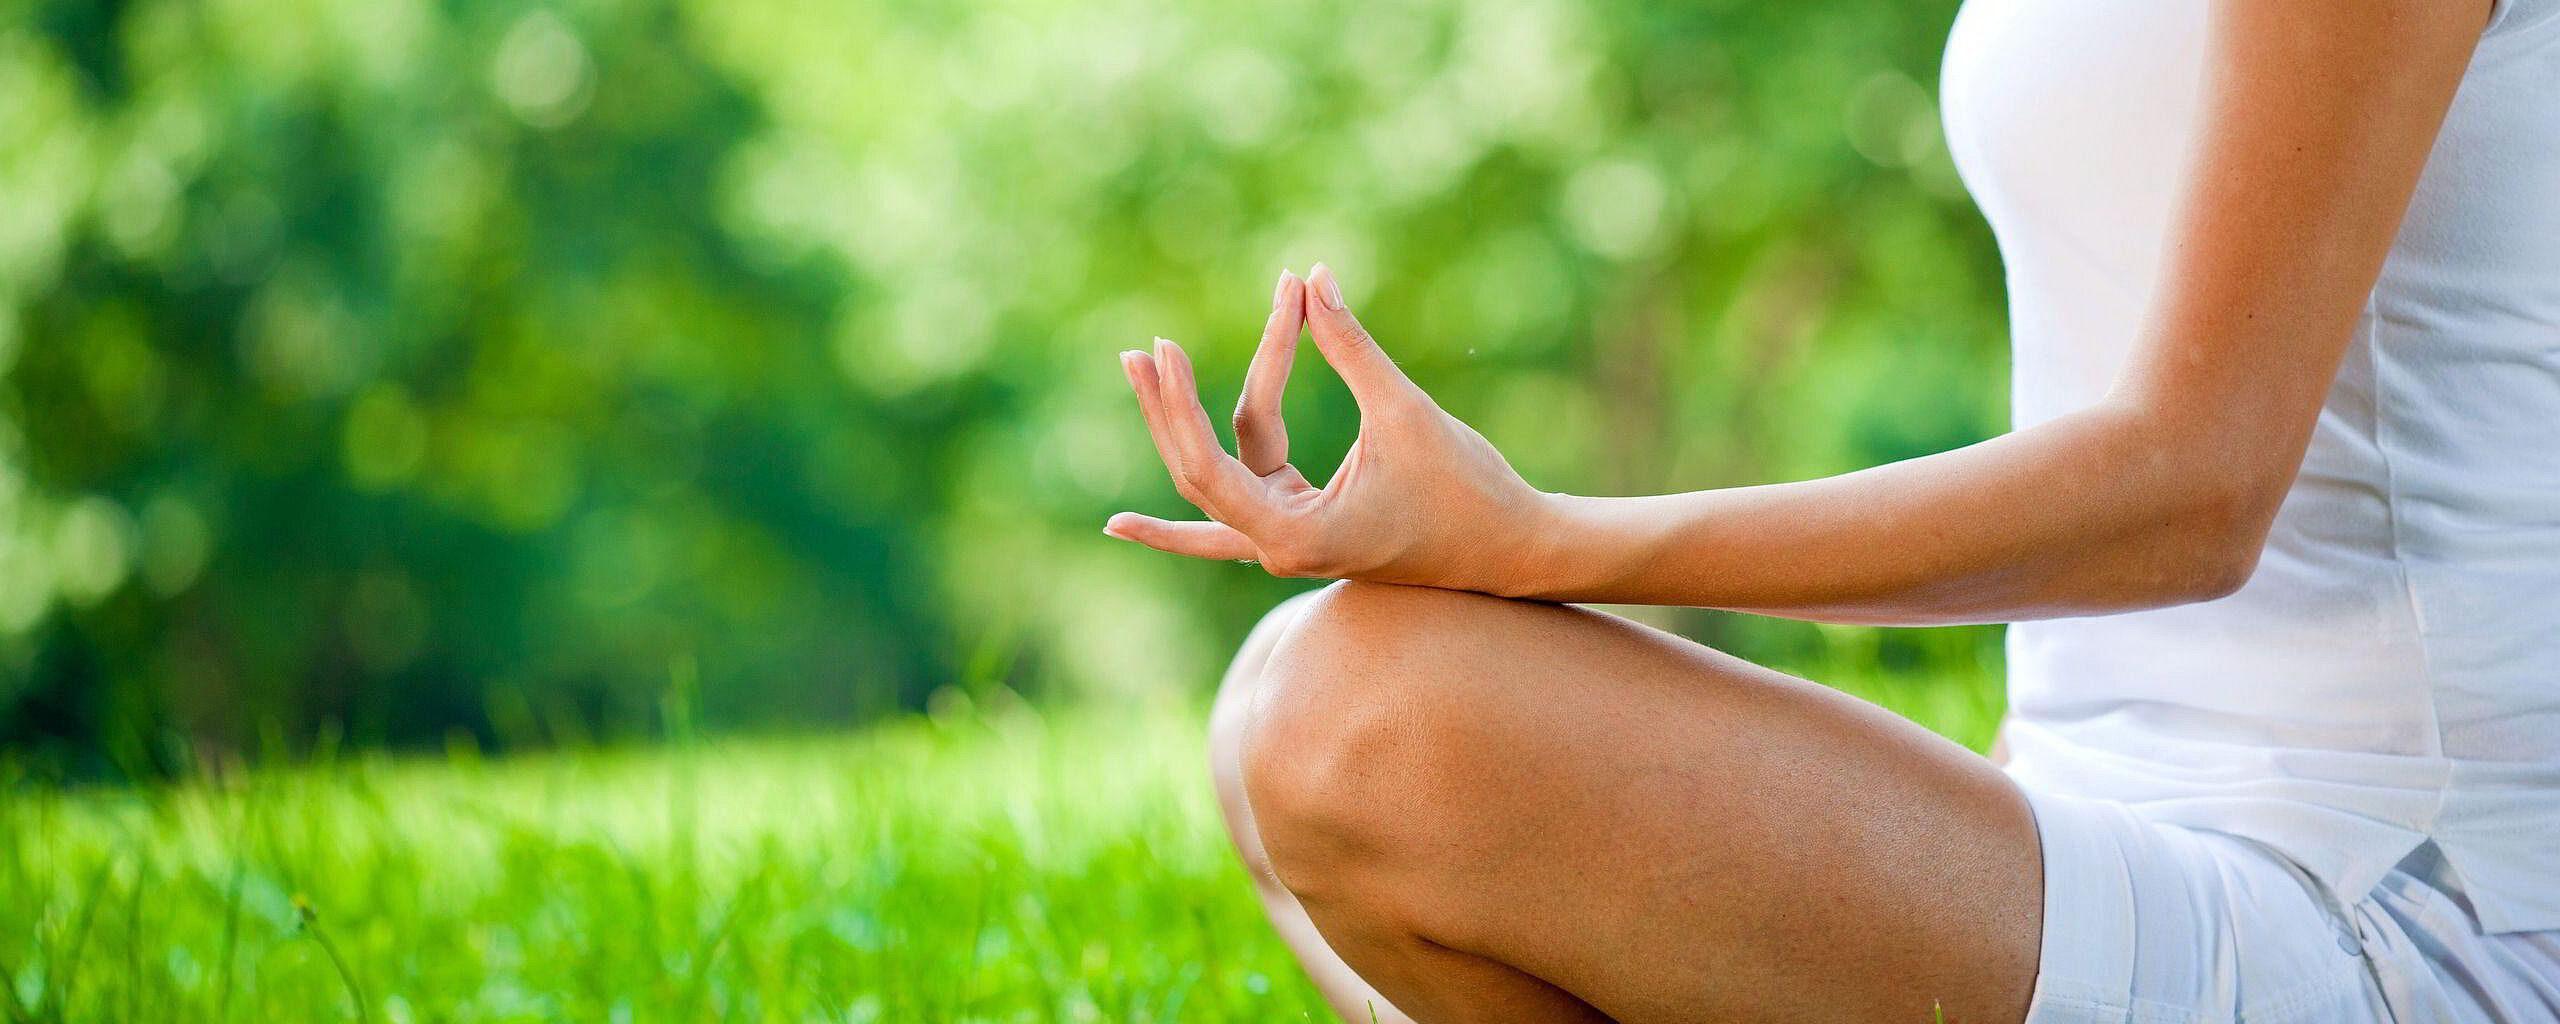 Учимся медитировать: 5 простых шагов